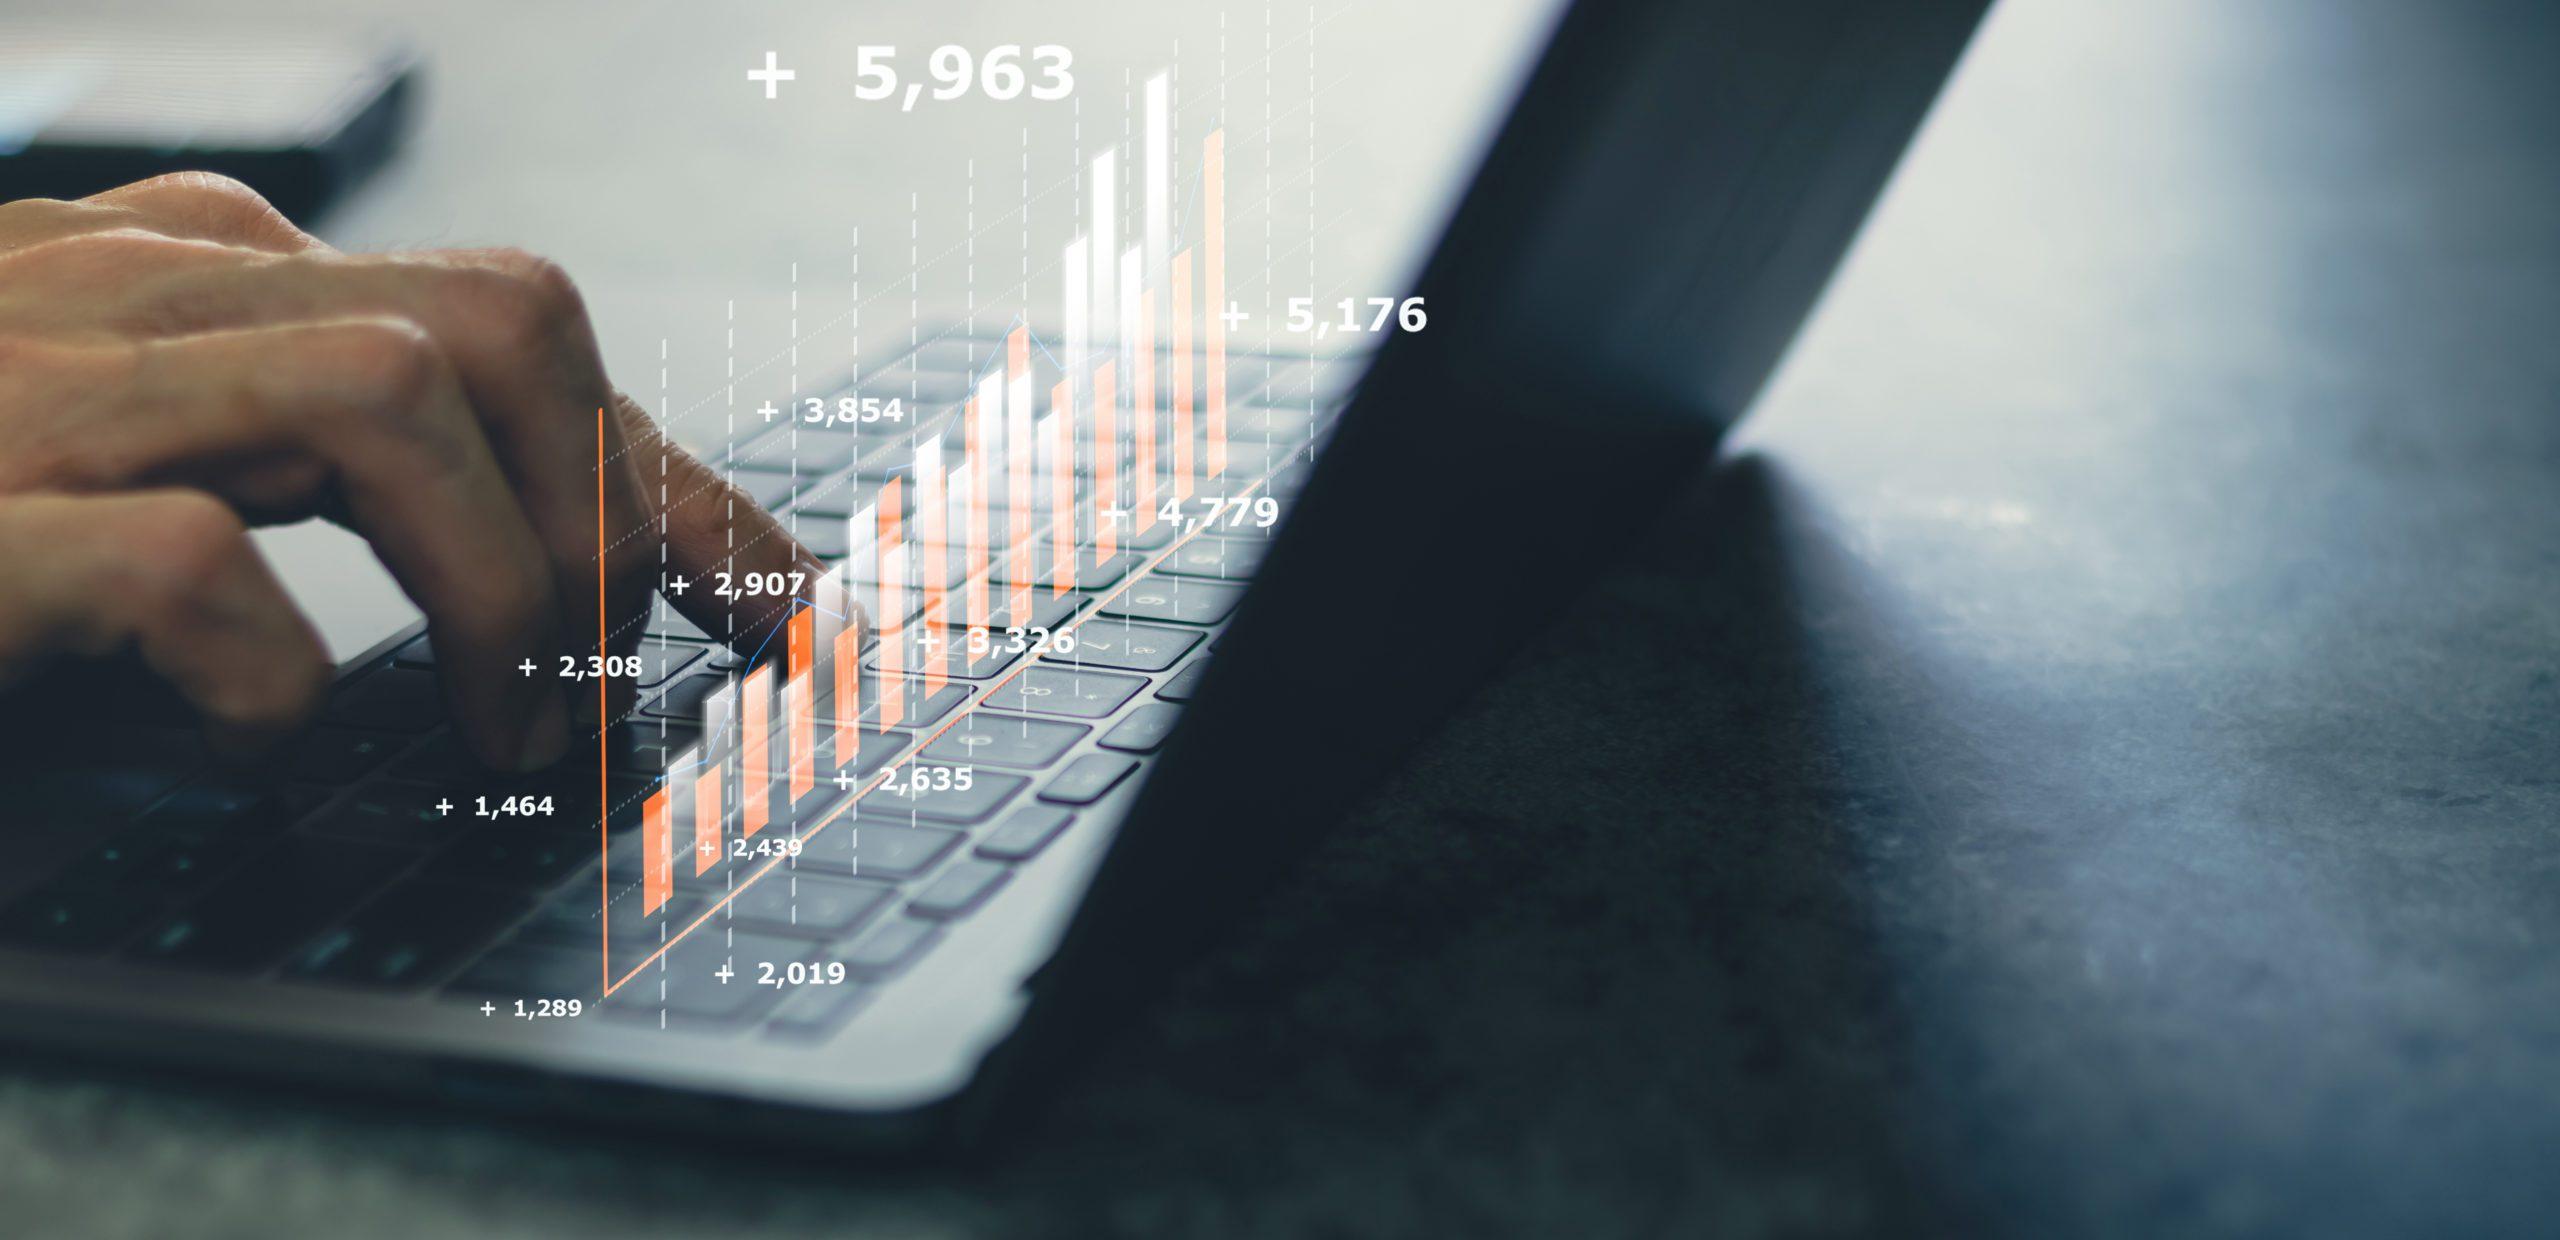 Handelsstrategie entwickeln: Die besten 6  Quellen für Inspirationen